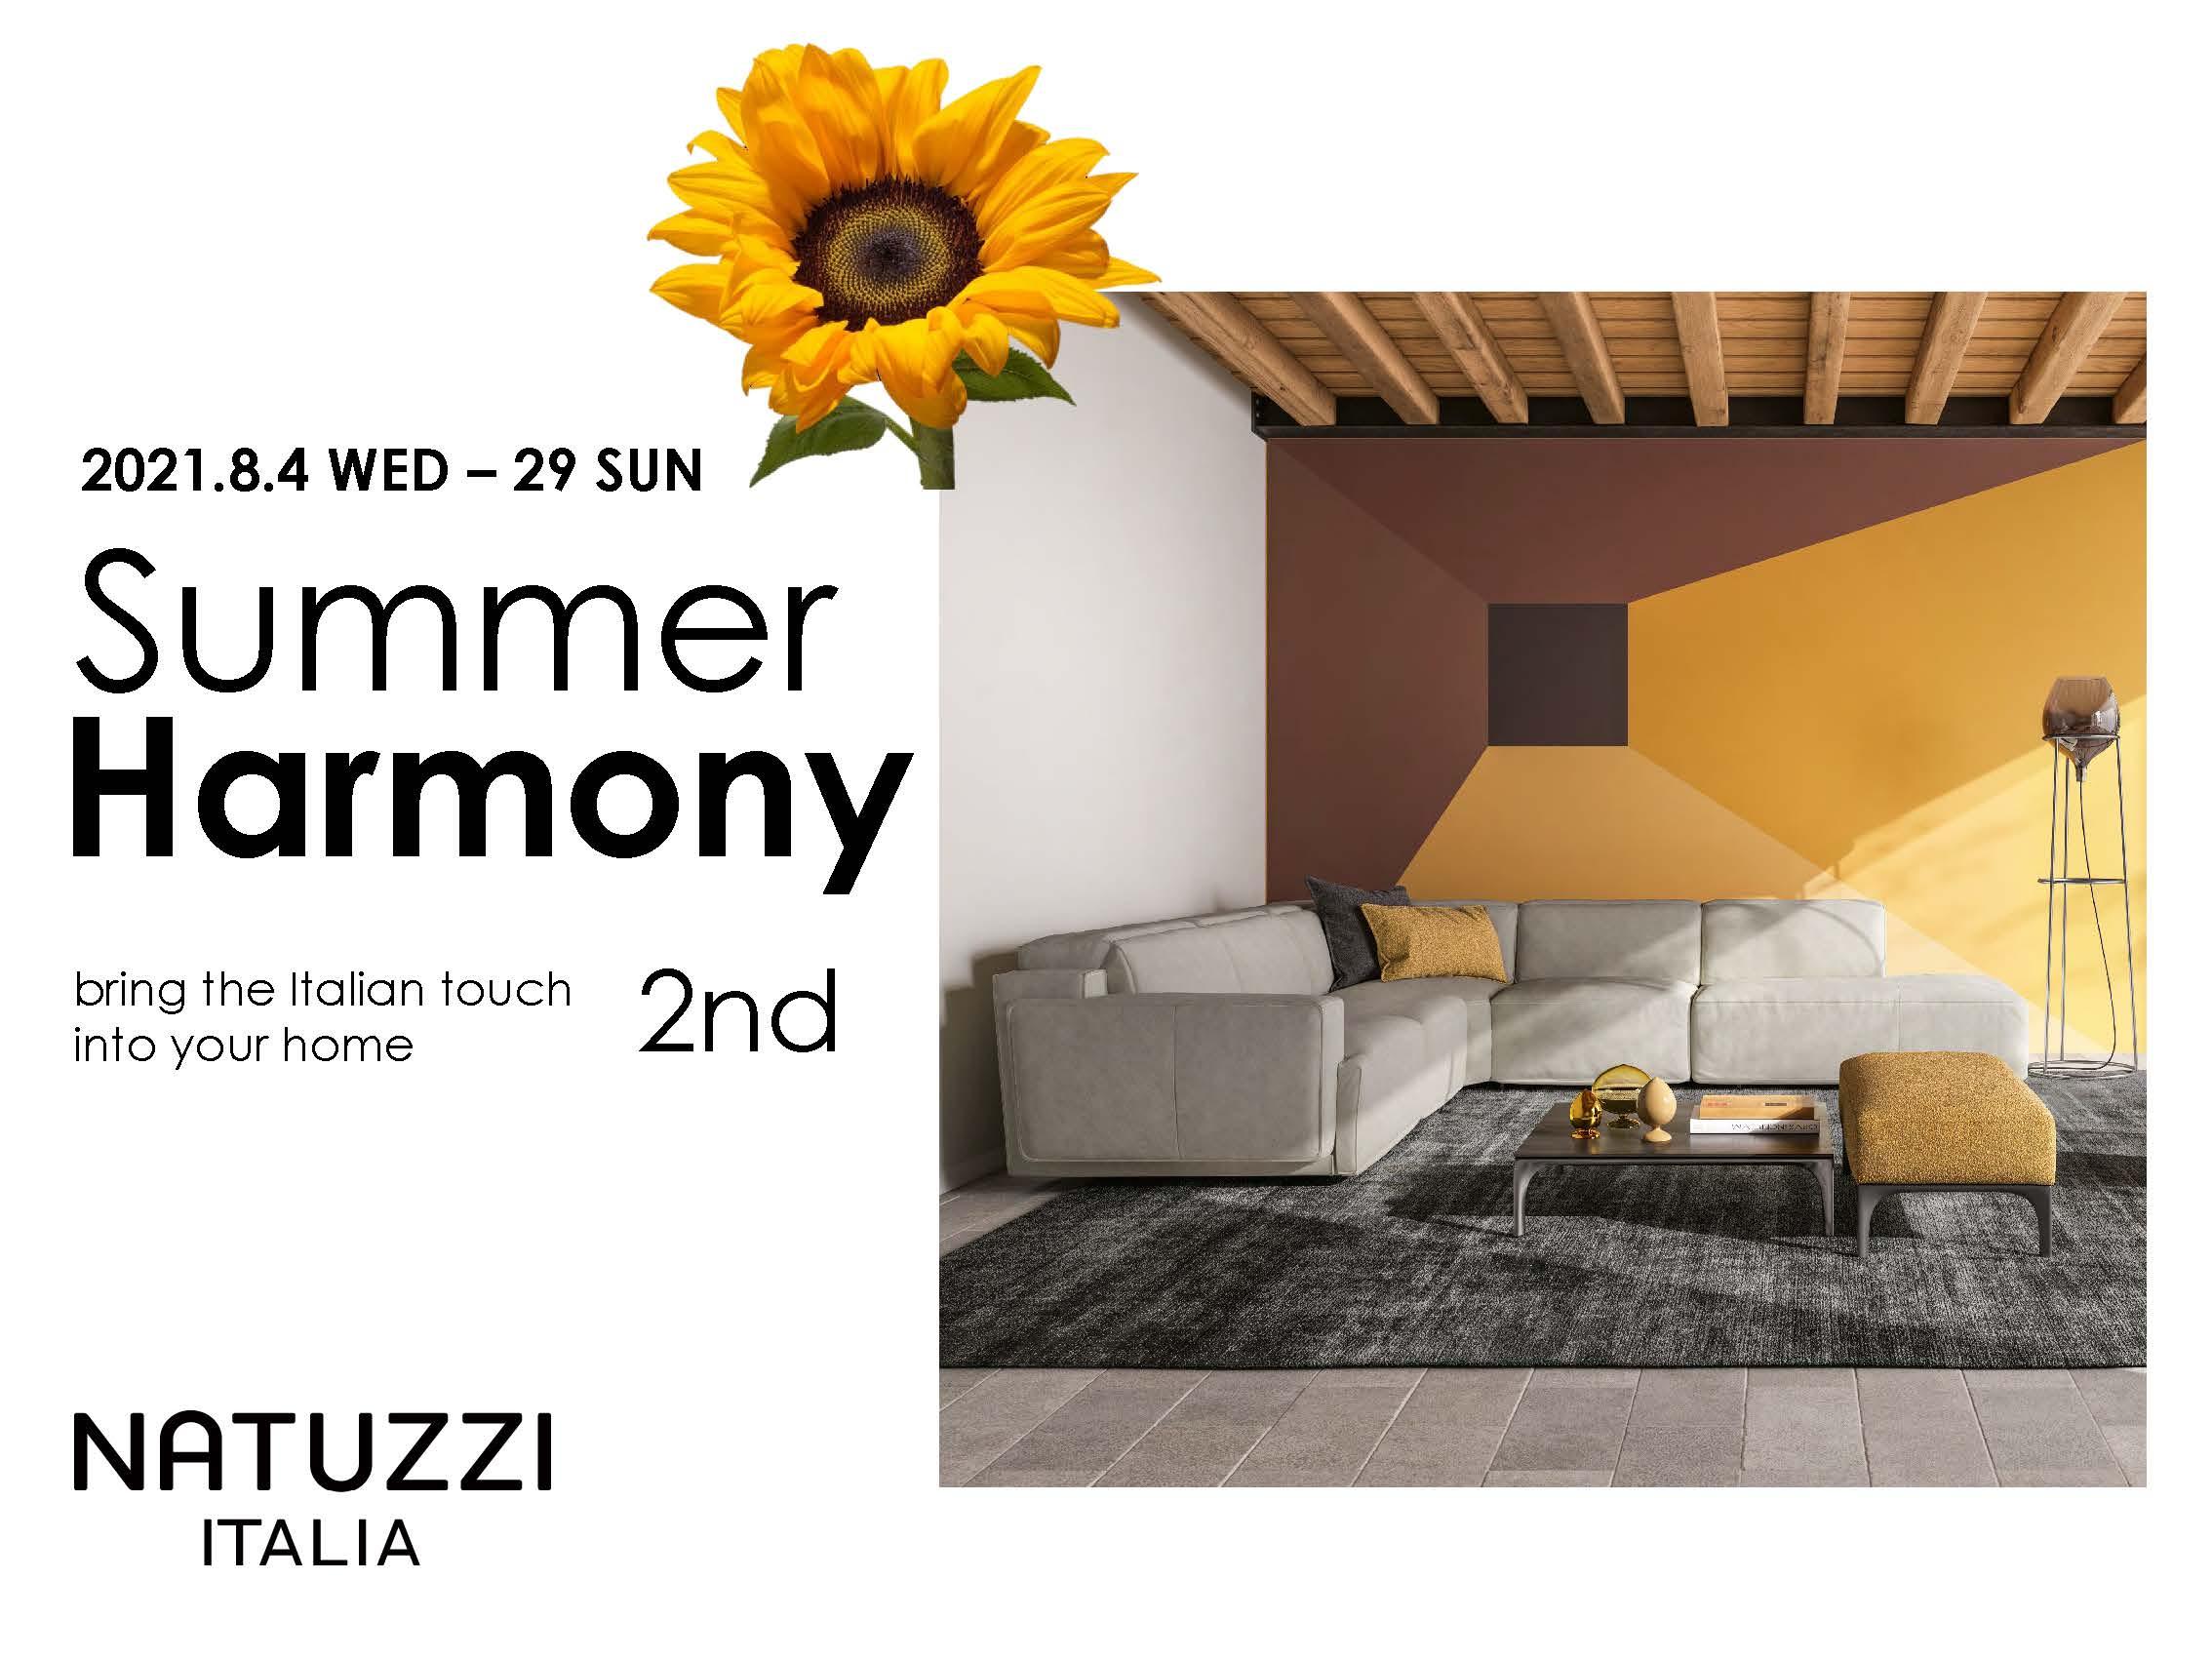 Summer Harmony